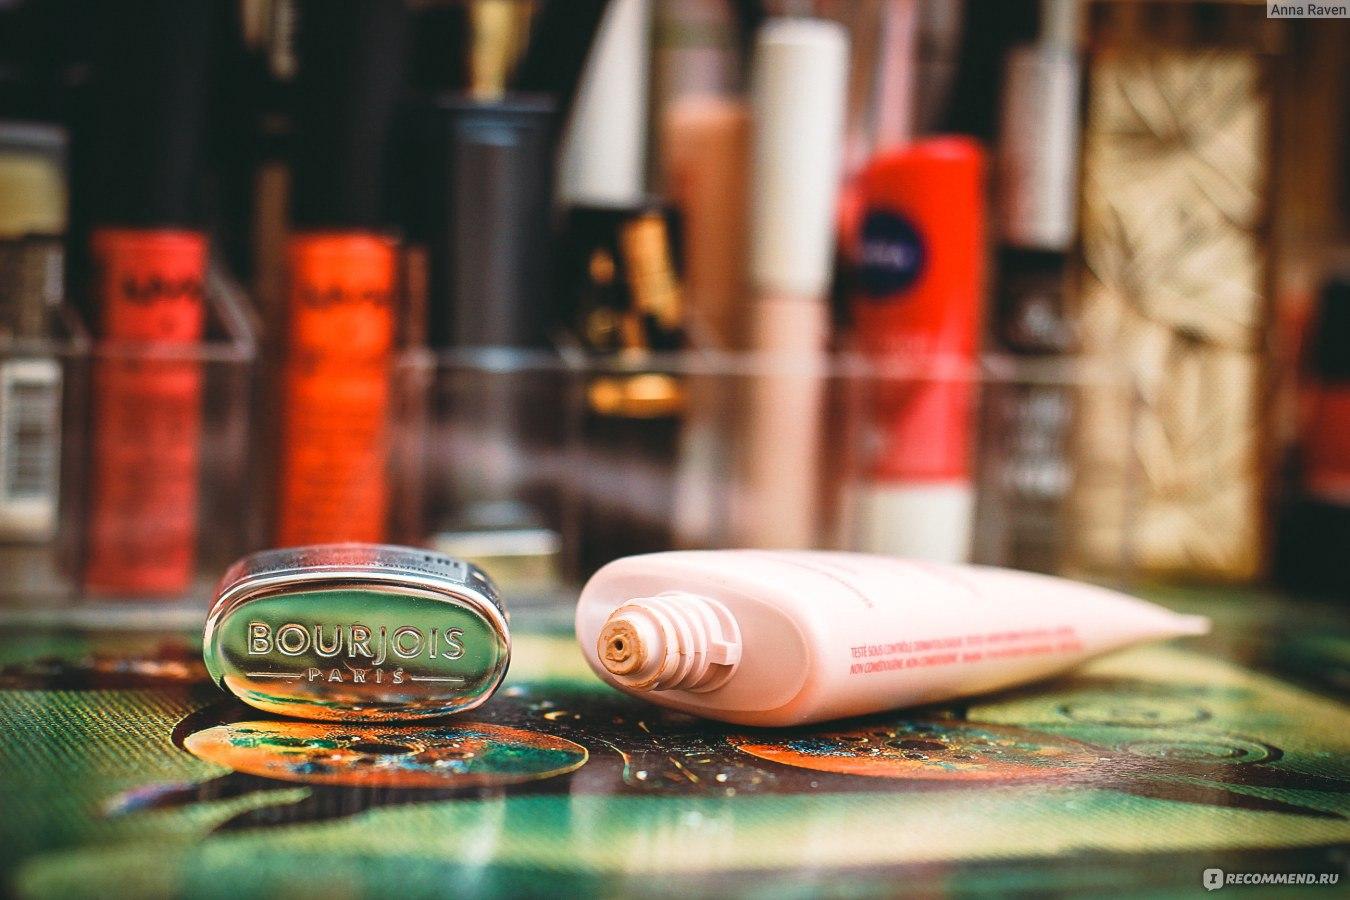 купить косметику буржуа в кемерово